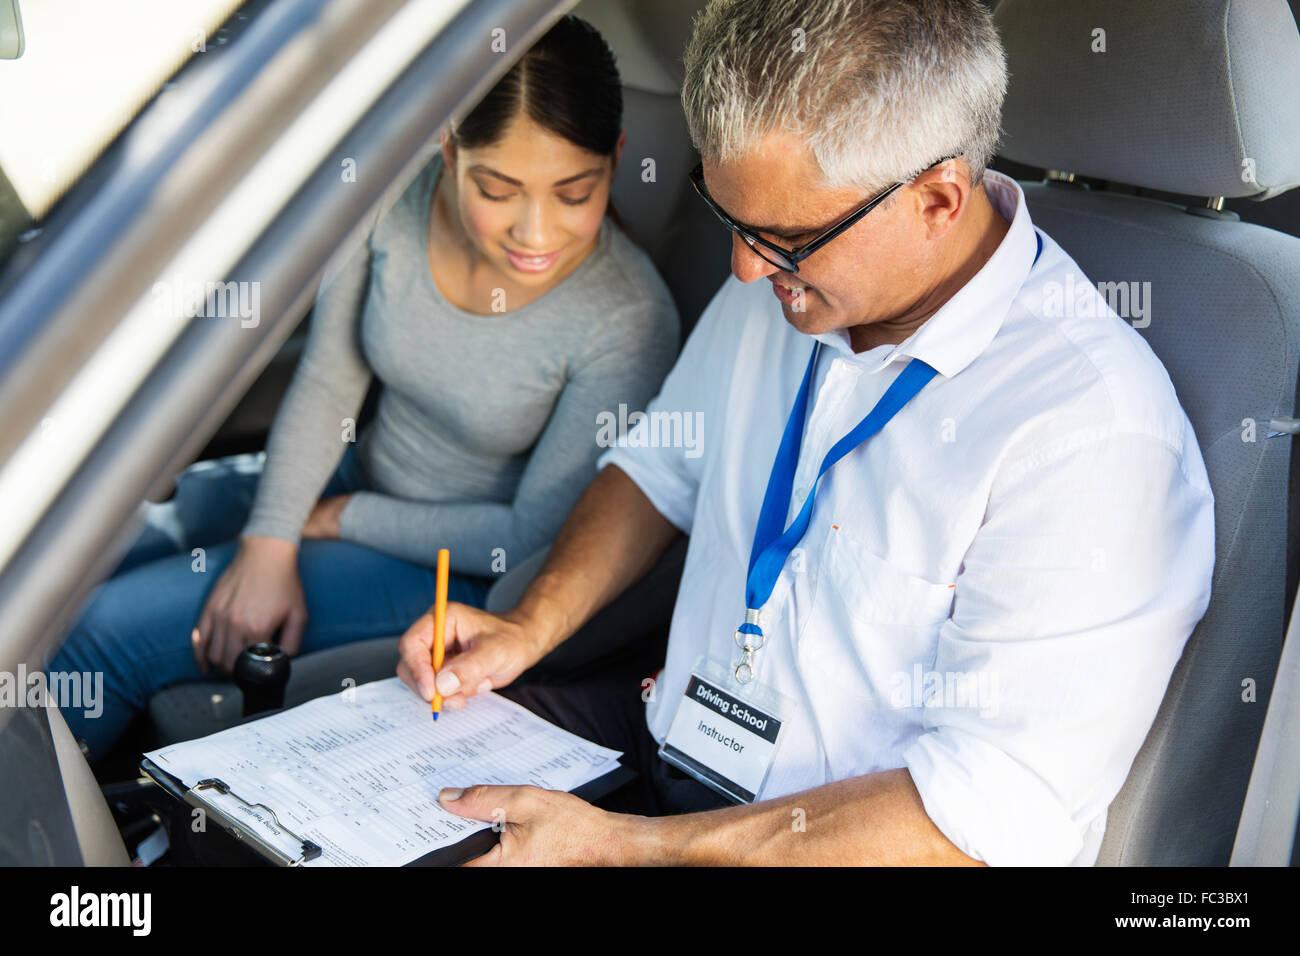 Retrato de conducción superior del instructor y el estudiante controlador durante la lección Imagen De Stock